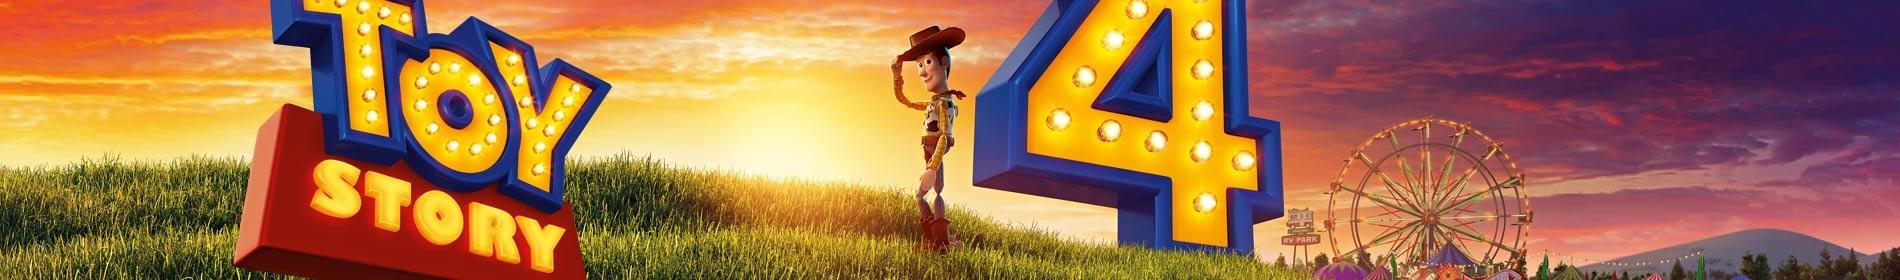 comprar Juguetes Toy Story Jugueteria online al mejor precio